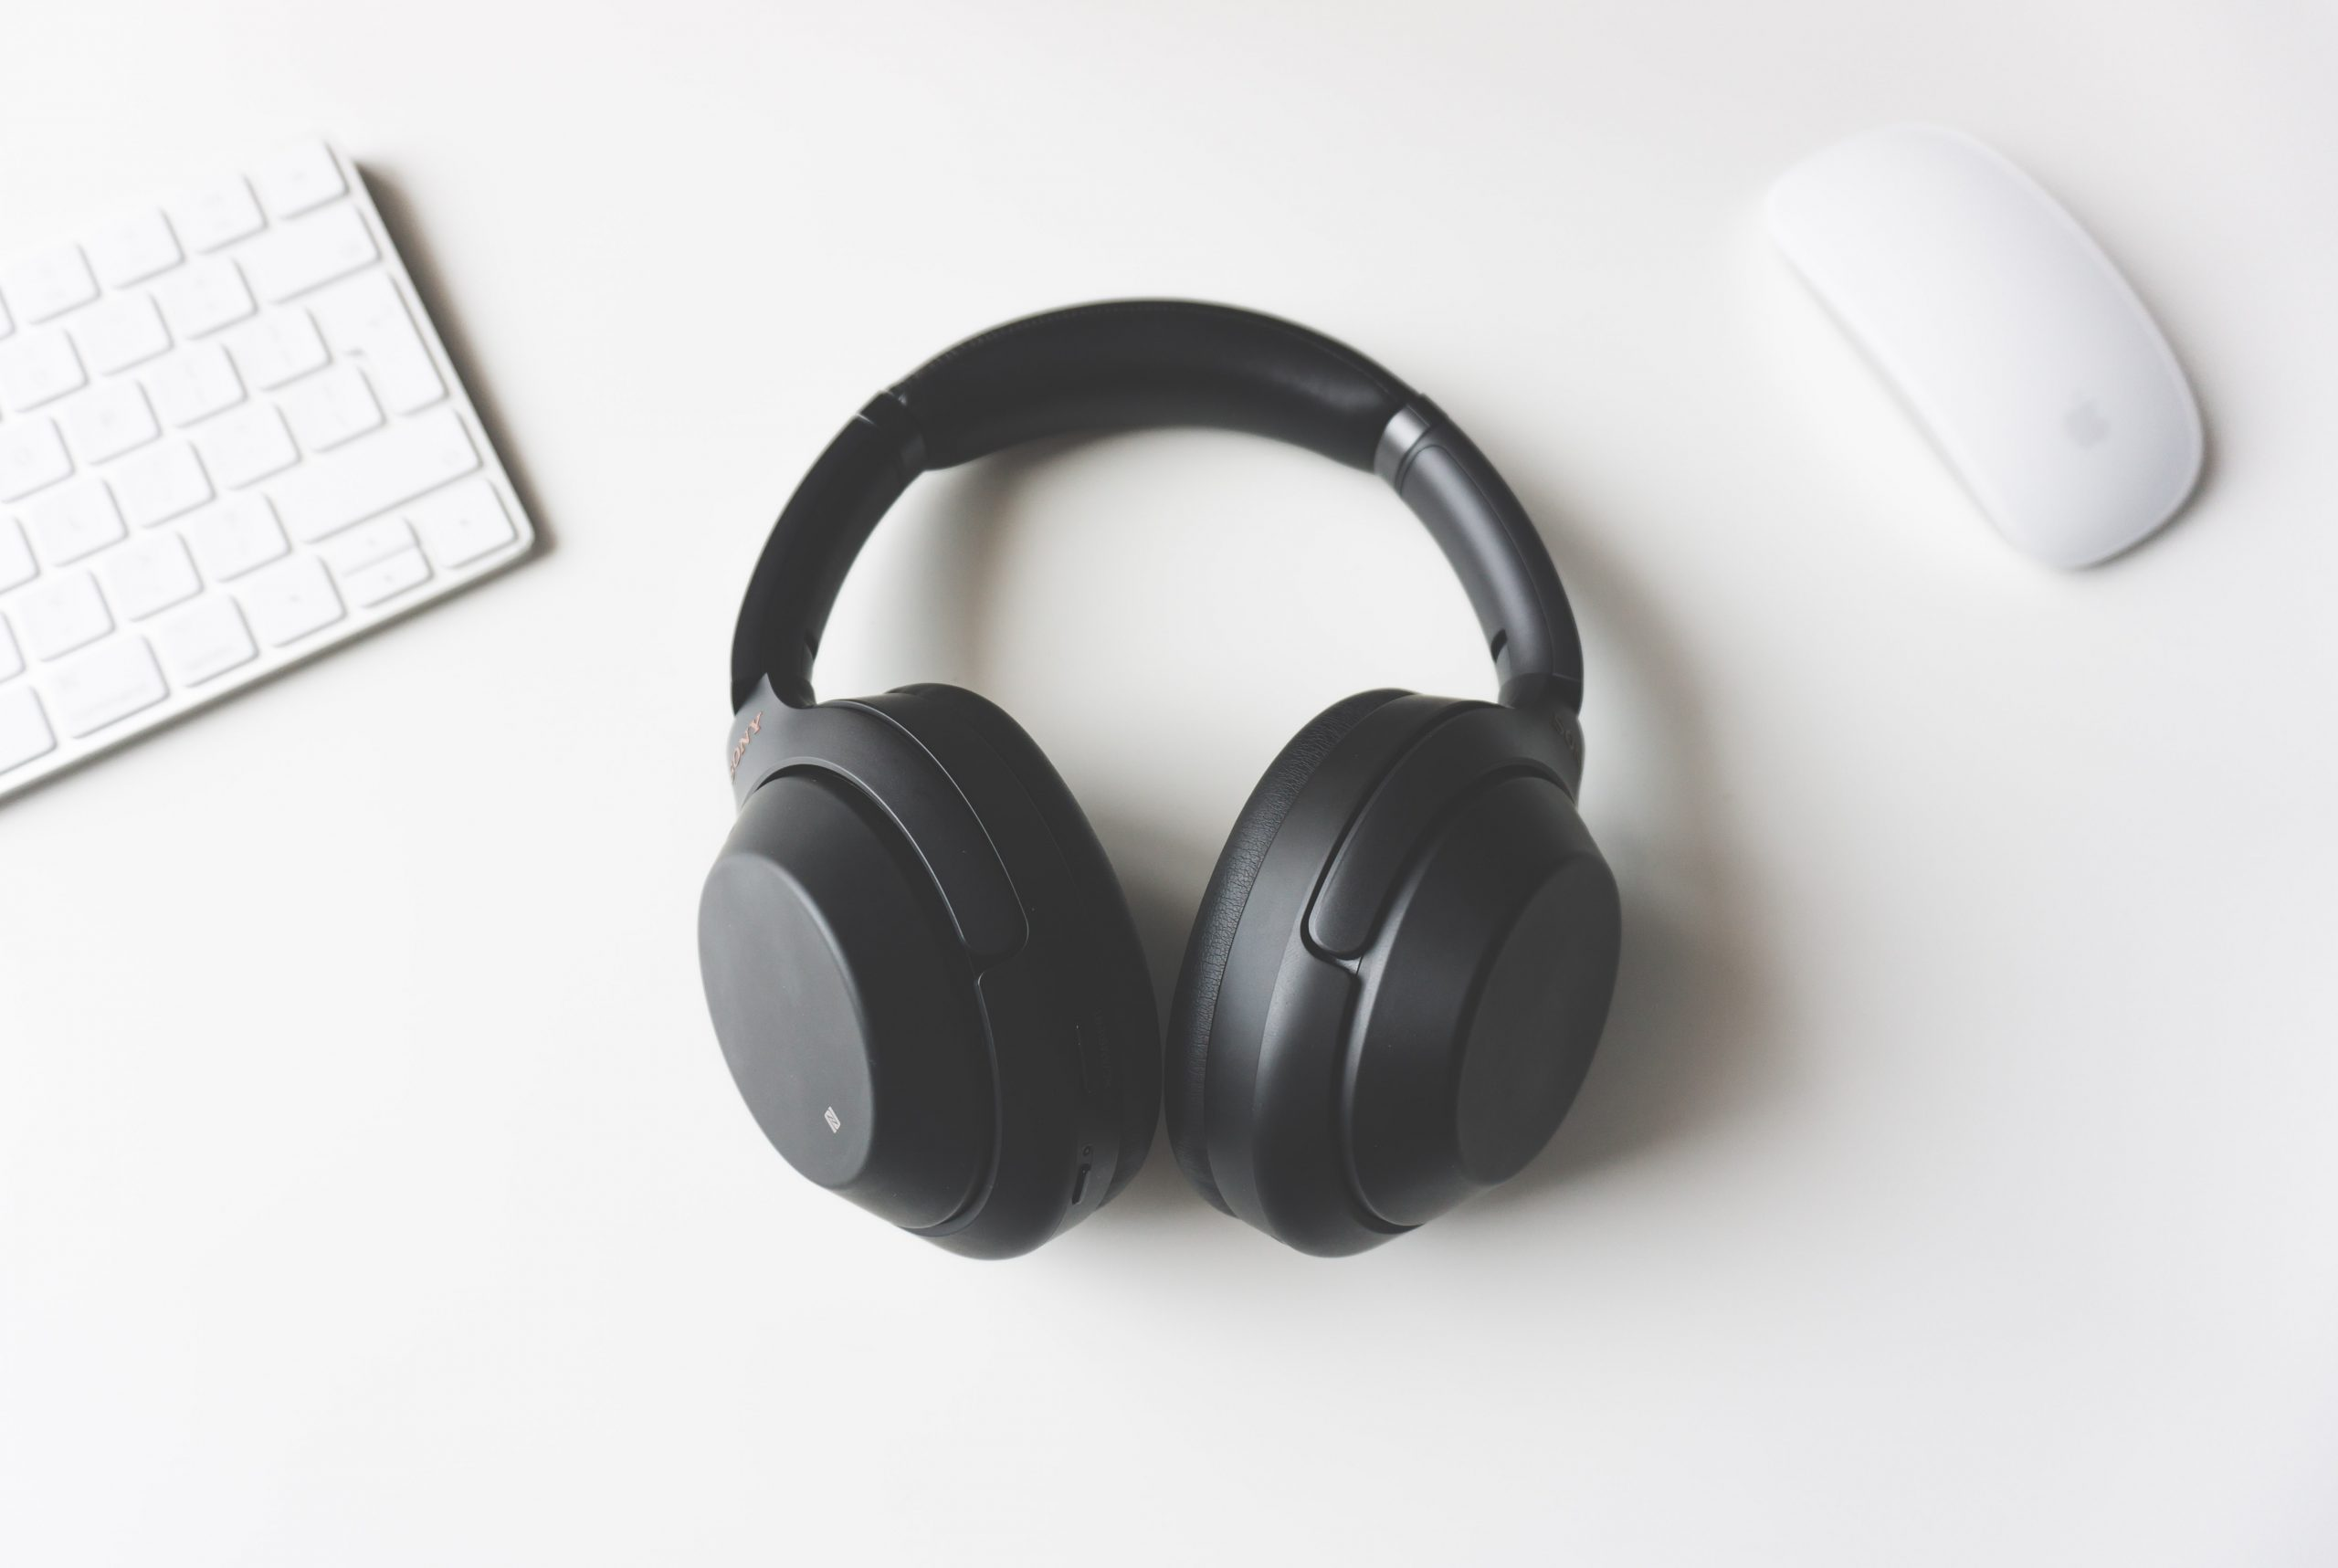 8 Best Headset For Online Teaching Top 2020 Picks